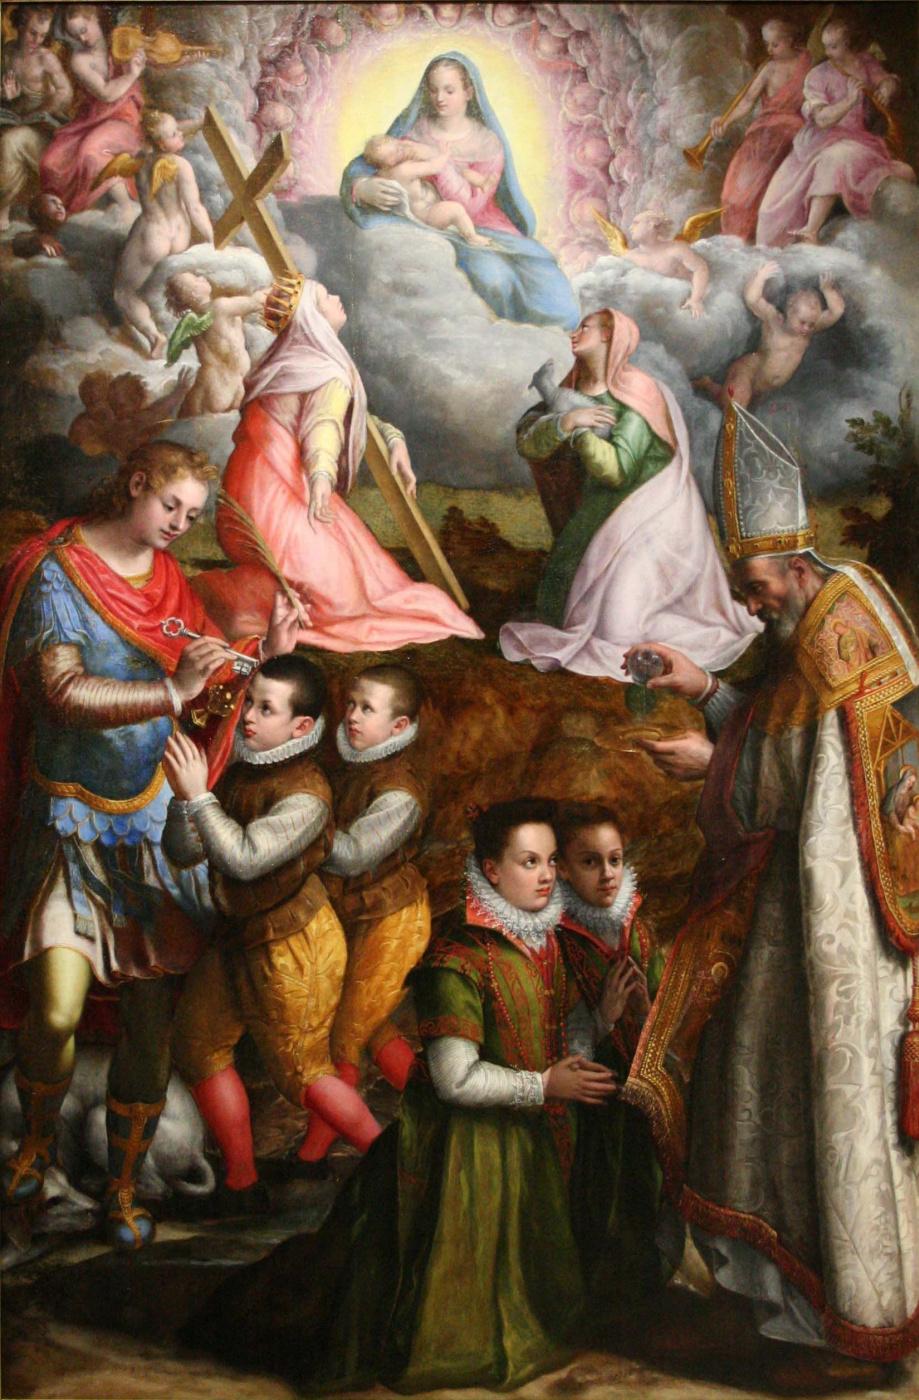 Лавиния Фонтана. Поклонение Богородице